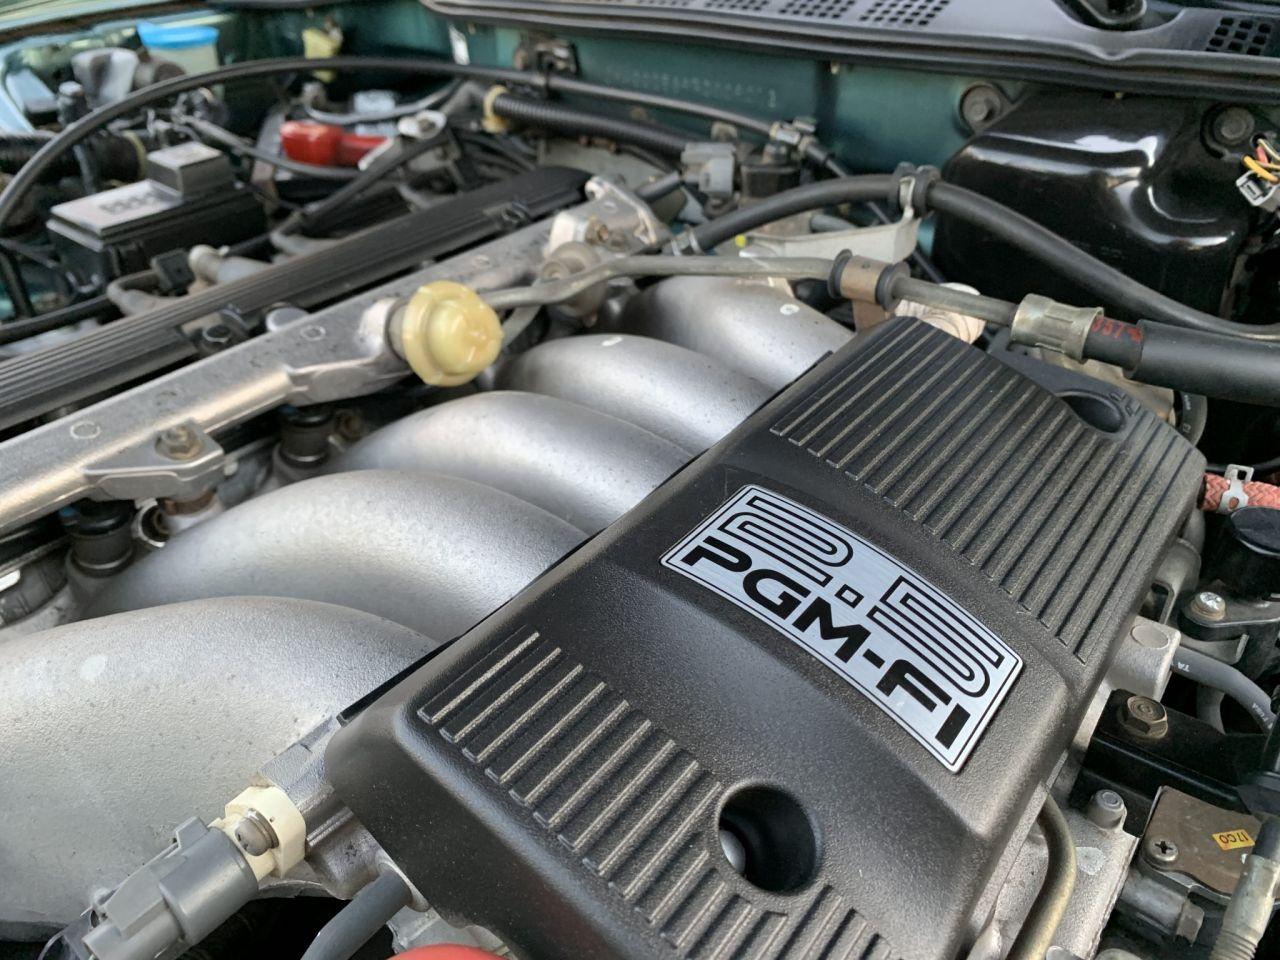 Honda / Acura Vigor GS 2.5L de 1994 - 5 cylindres dans une Honda ! 8